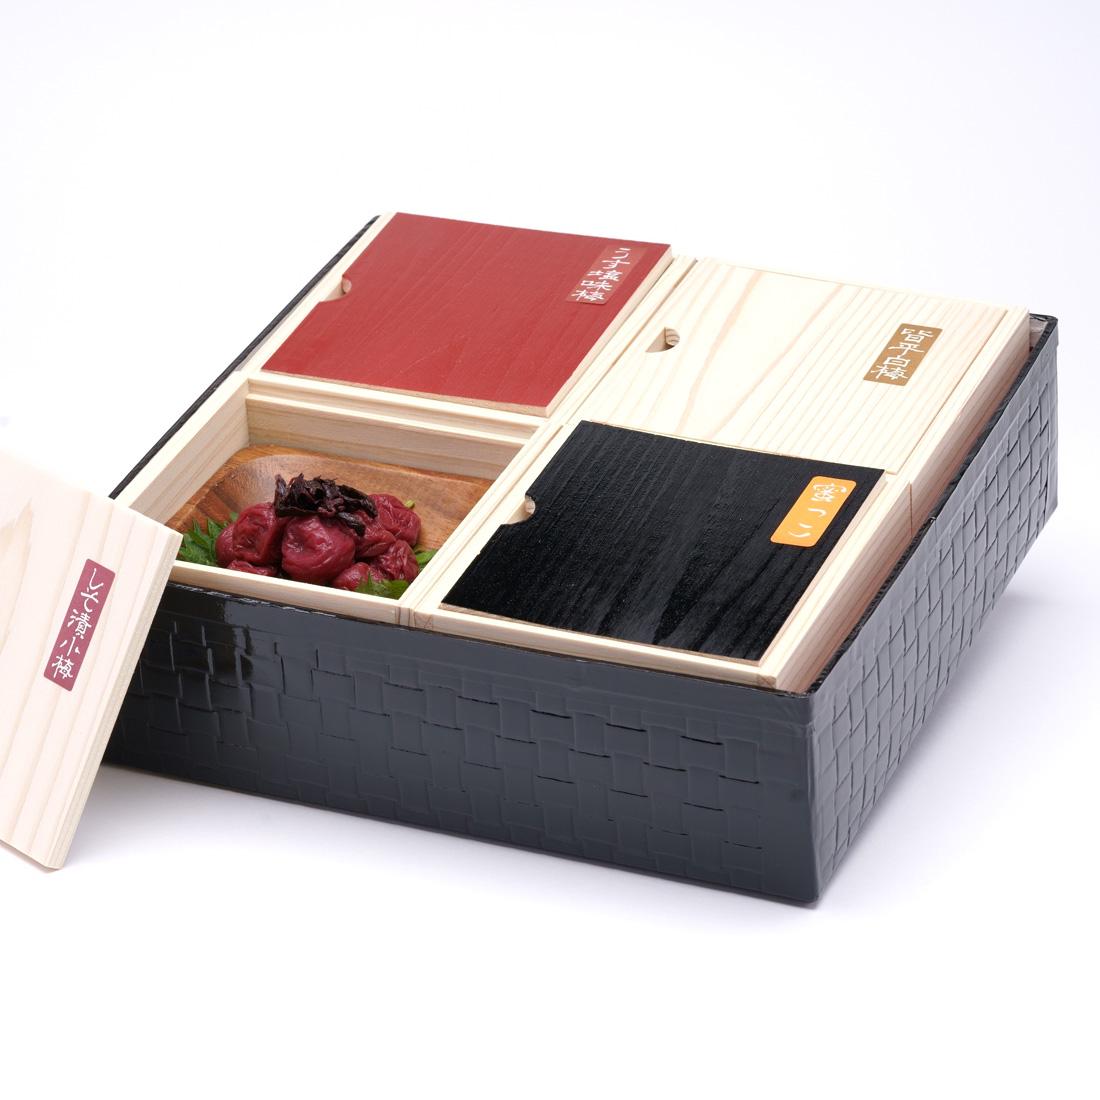 高級南高梅 食べ比べ4種 紀州塗箱 網代模様商品写真